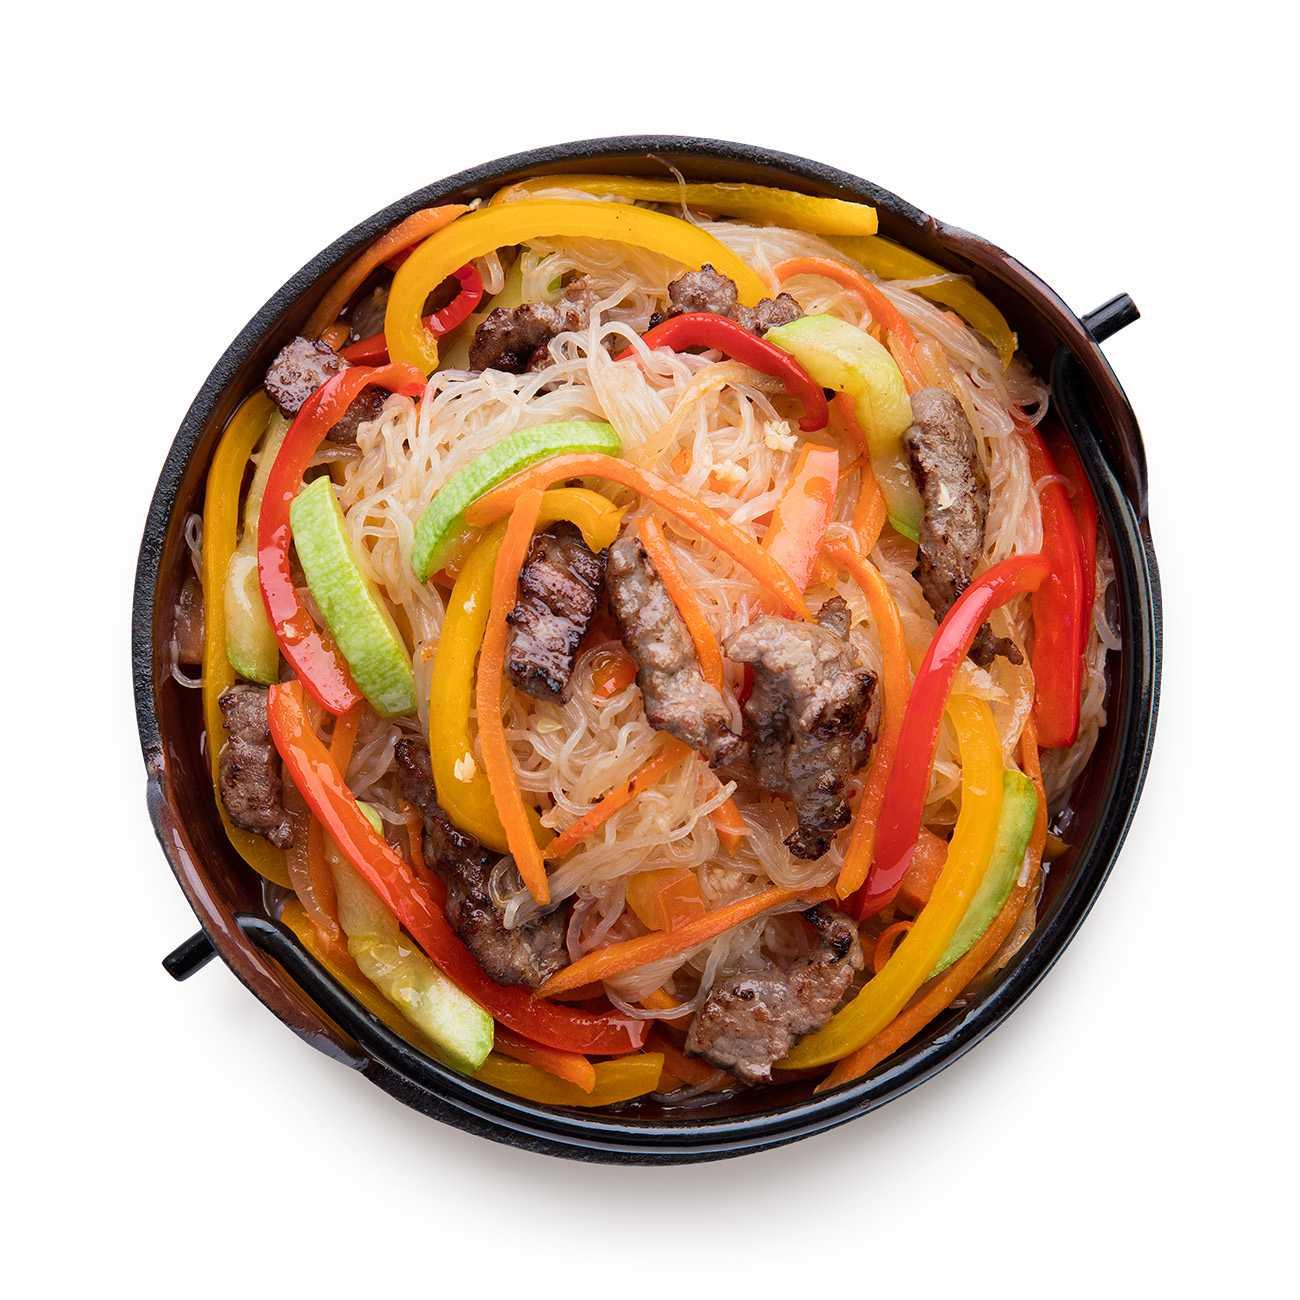 Фунчоза с курицей и овощами - 9 рецептов салата с фото пошагово